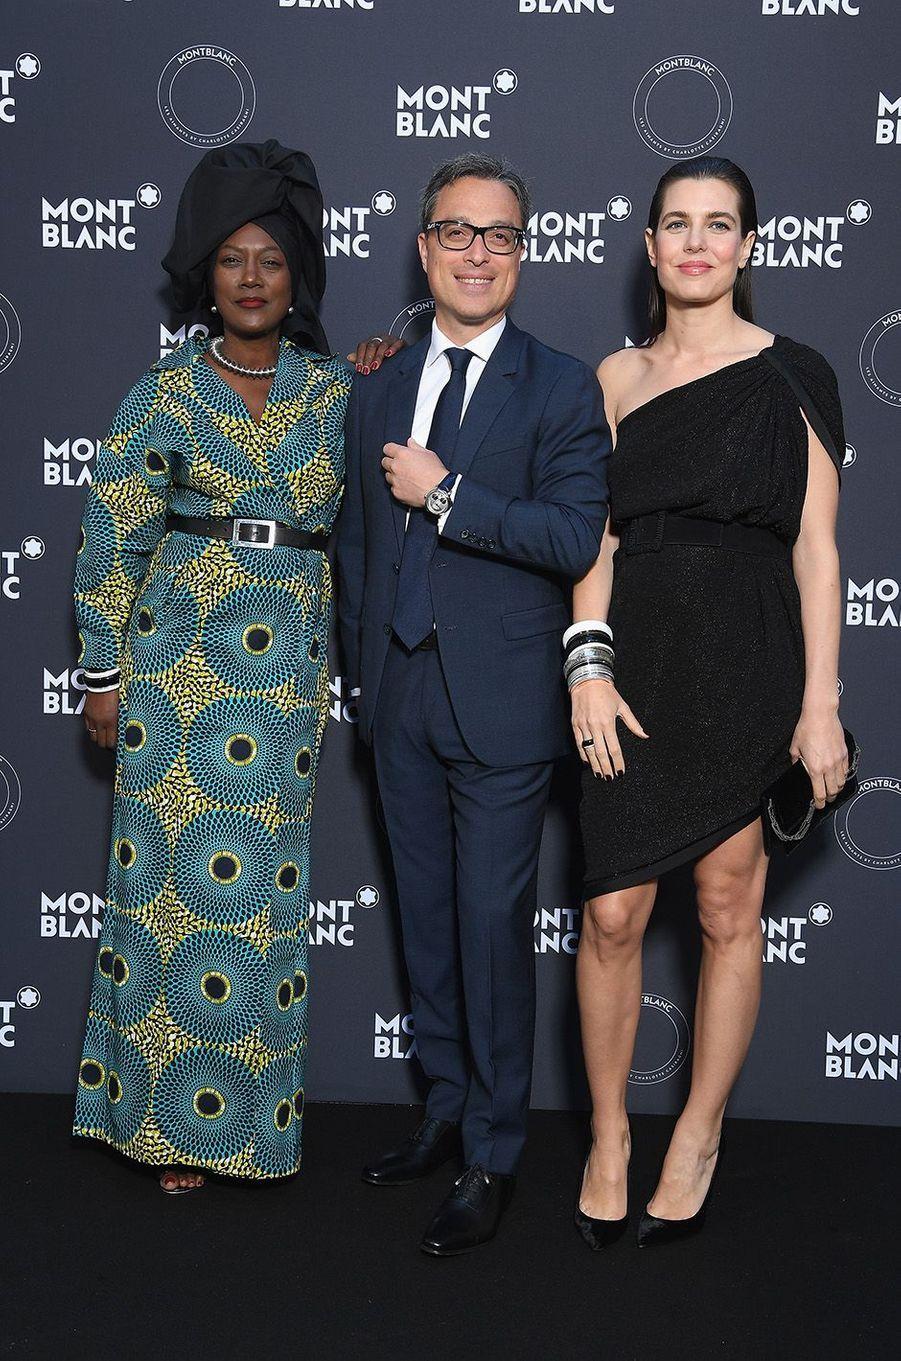 Charlotte Casiraghi avec Khadja Nin et Nicolas Baretzki à la soirée Montblanc à Cannes, le 16 mai 2018.